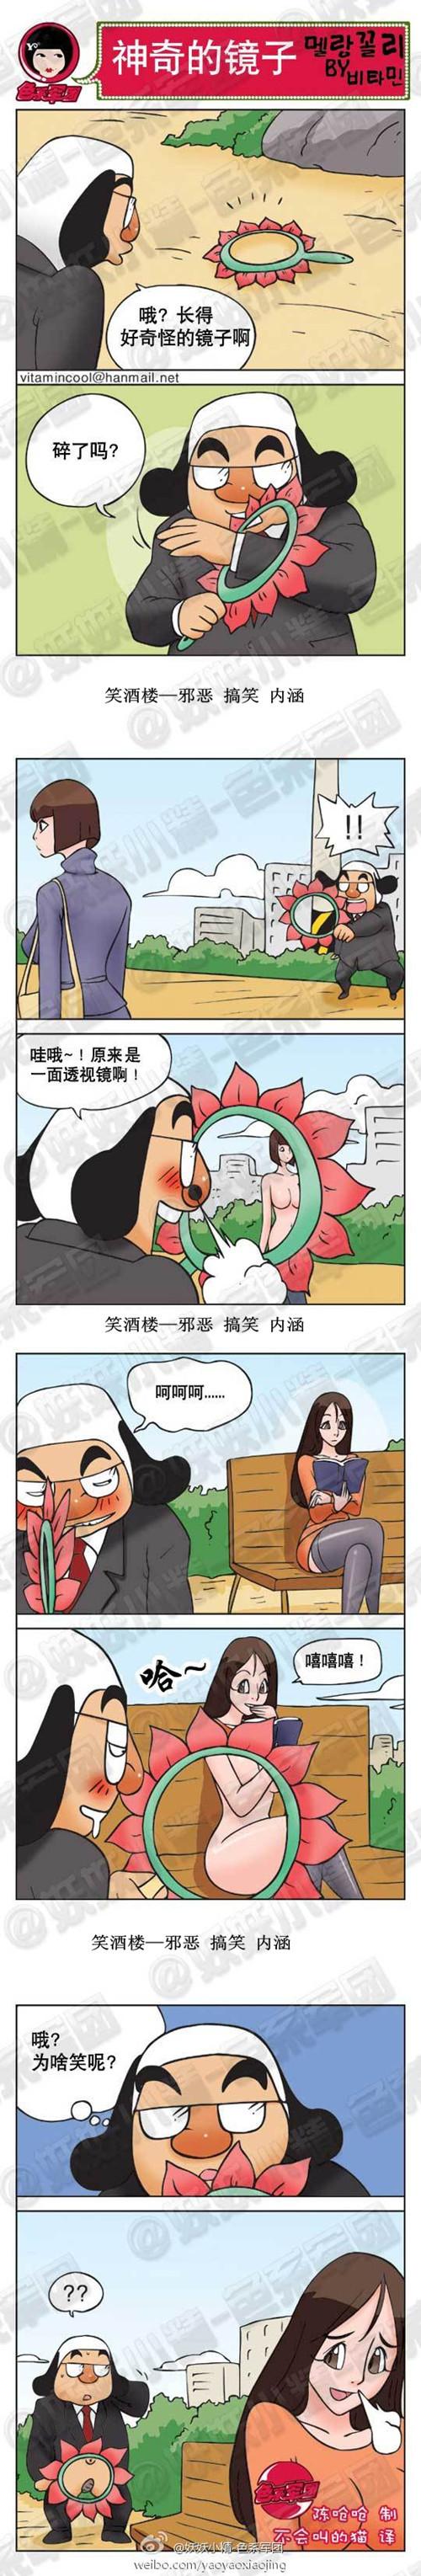 邪恶漫画|性感白雪公主 小裤裤的弹性真好啊 邪恶少女漫画 图5